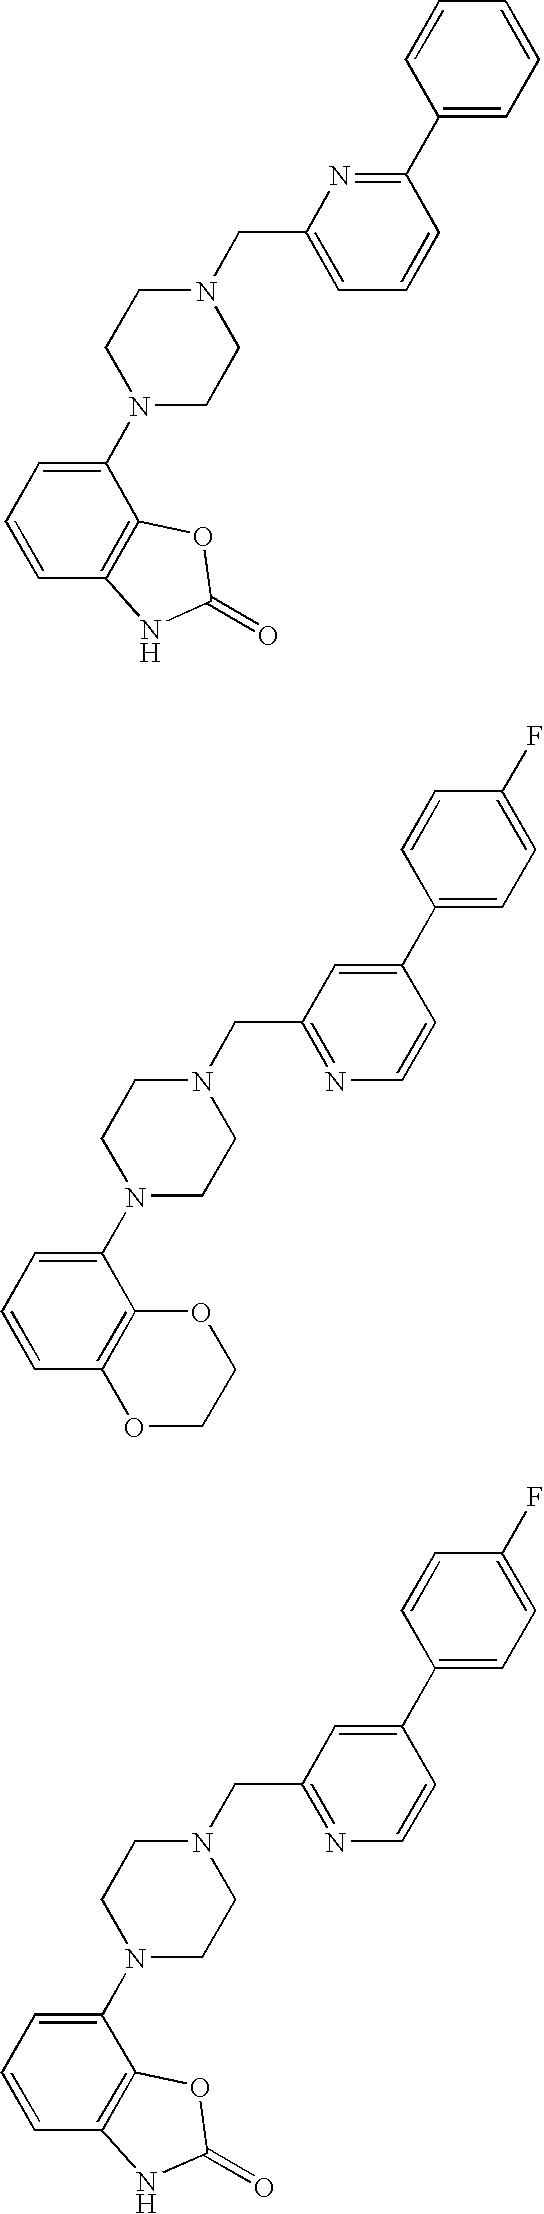 Figure US20100009983A1-20100114-C00163